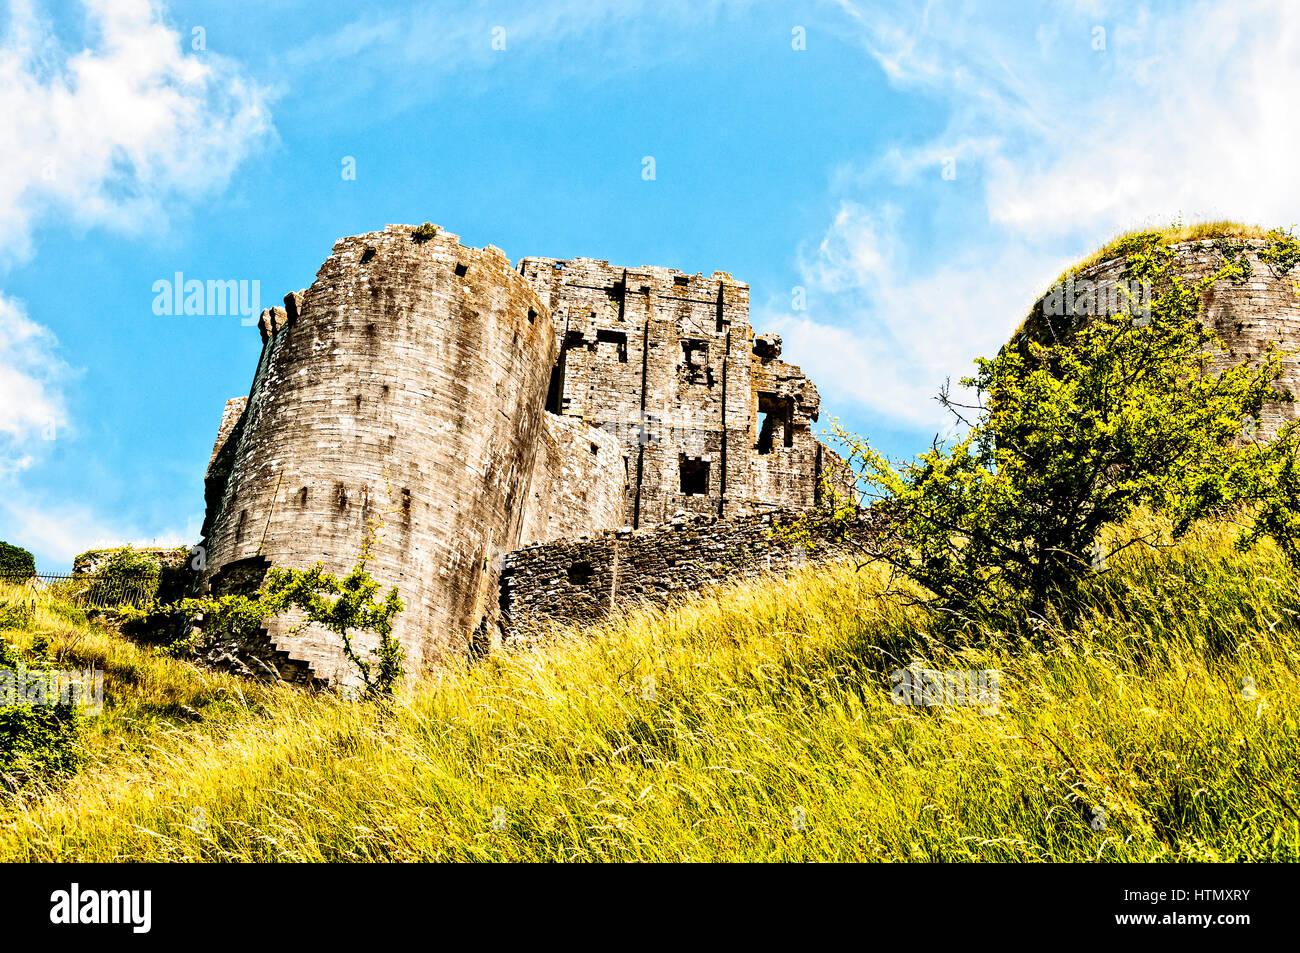 Den Bergfried der romantische Ruinen der 1000 Jahre alten Corfe Castle über gefallenen Türme und Mauern, Stockbild